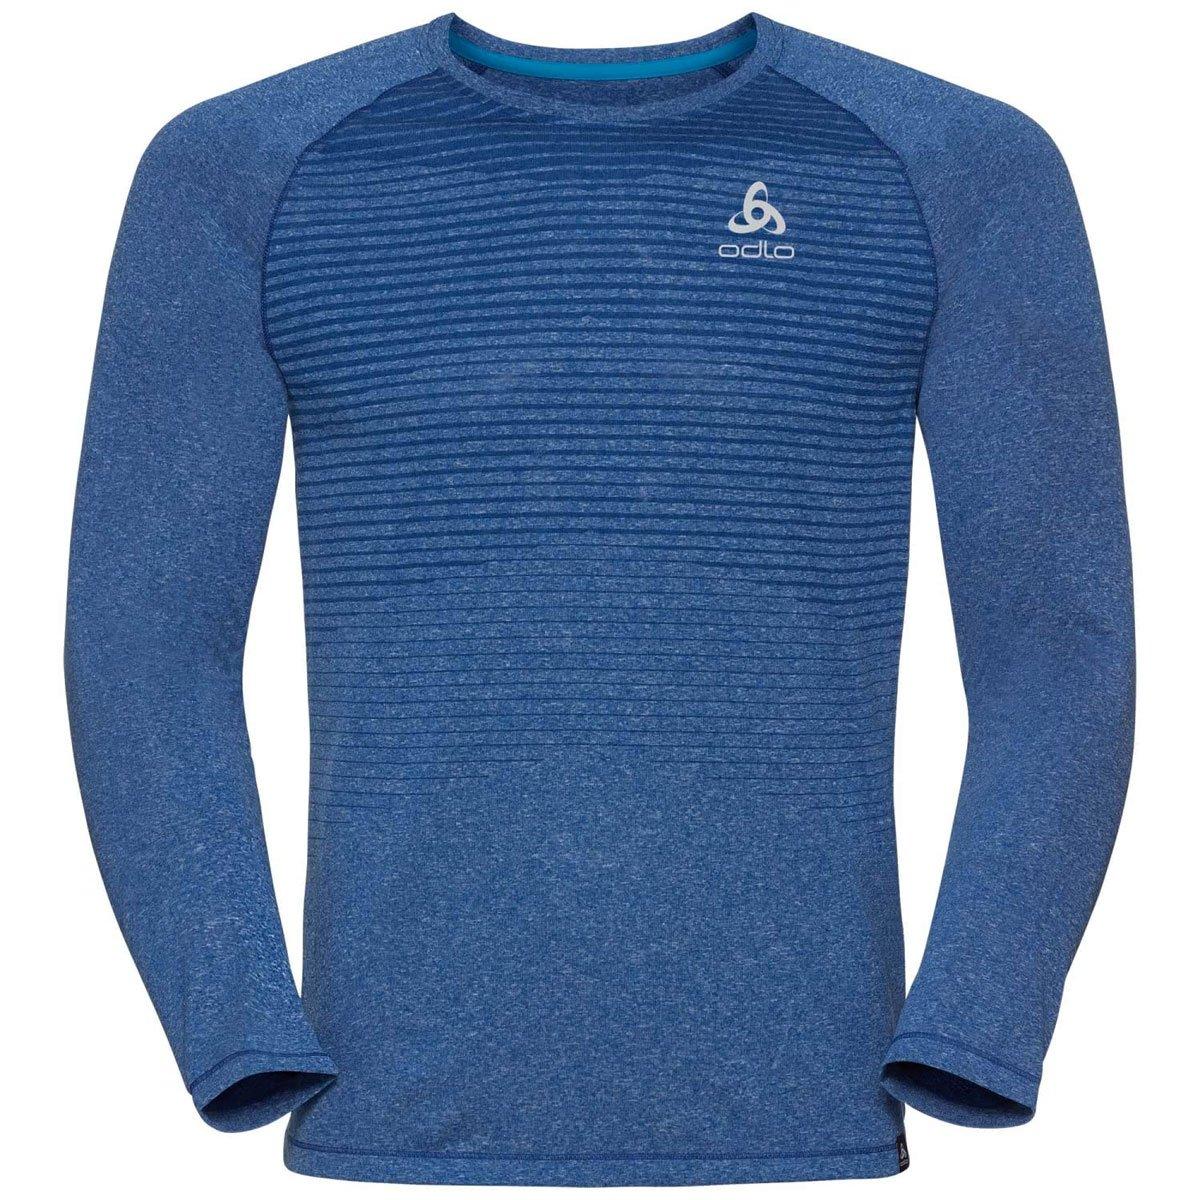 Odlo Herren T-Shirt L/S Aion ODLOA #Odlo